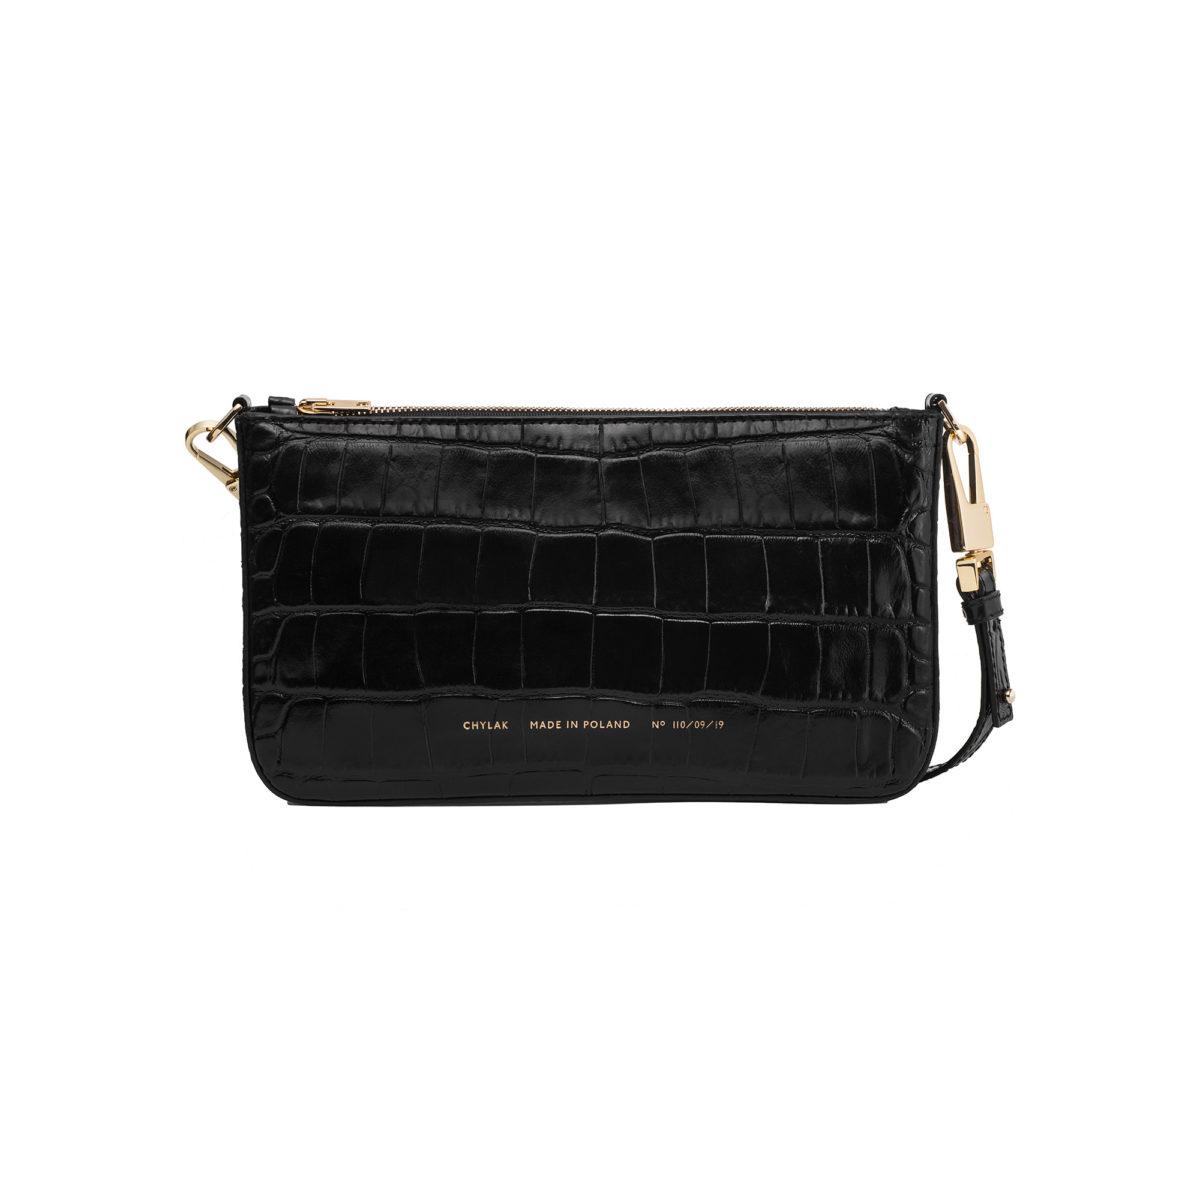 chylak-underarm-bag-glossy-black-crocodile-1-1200x1200